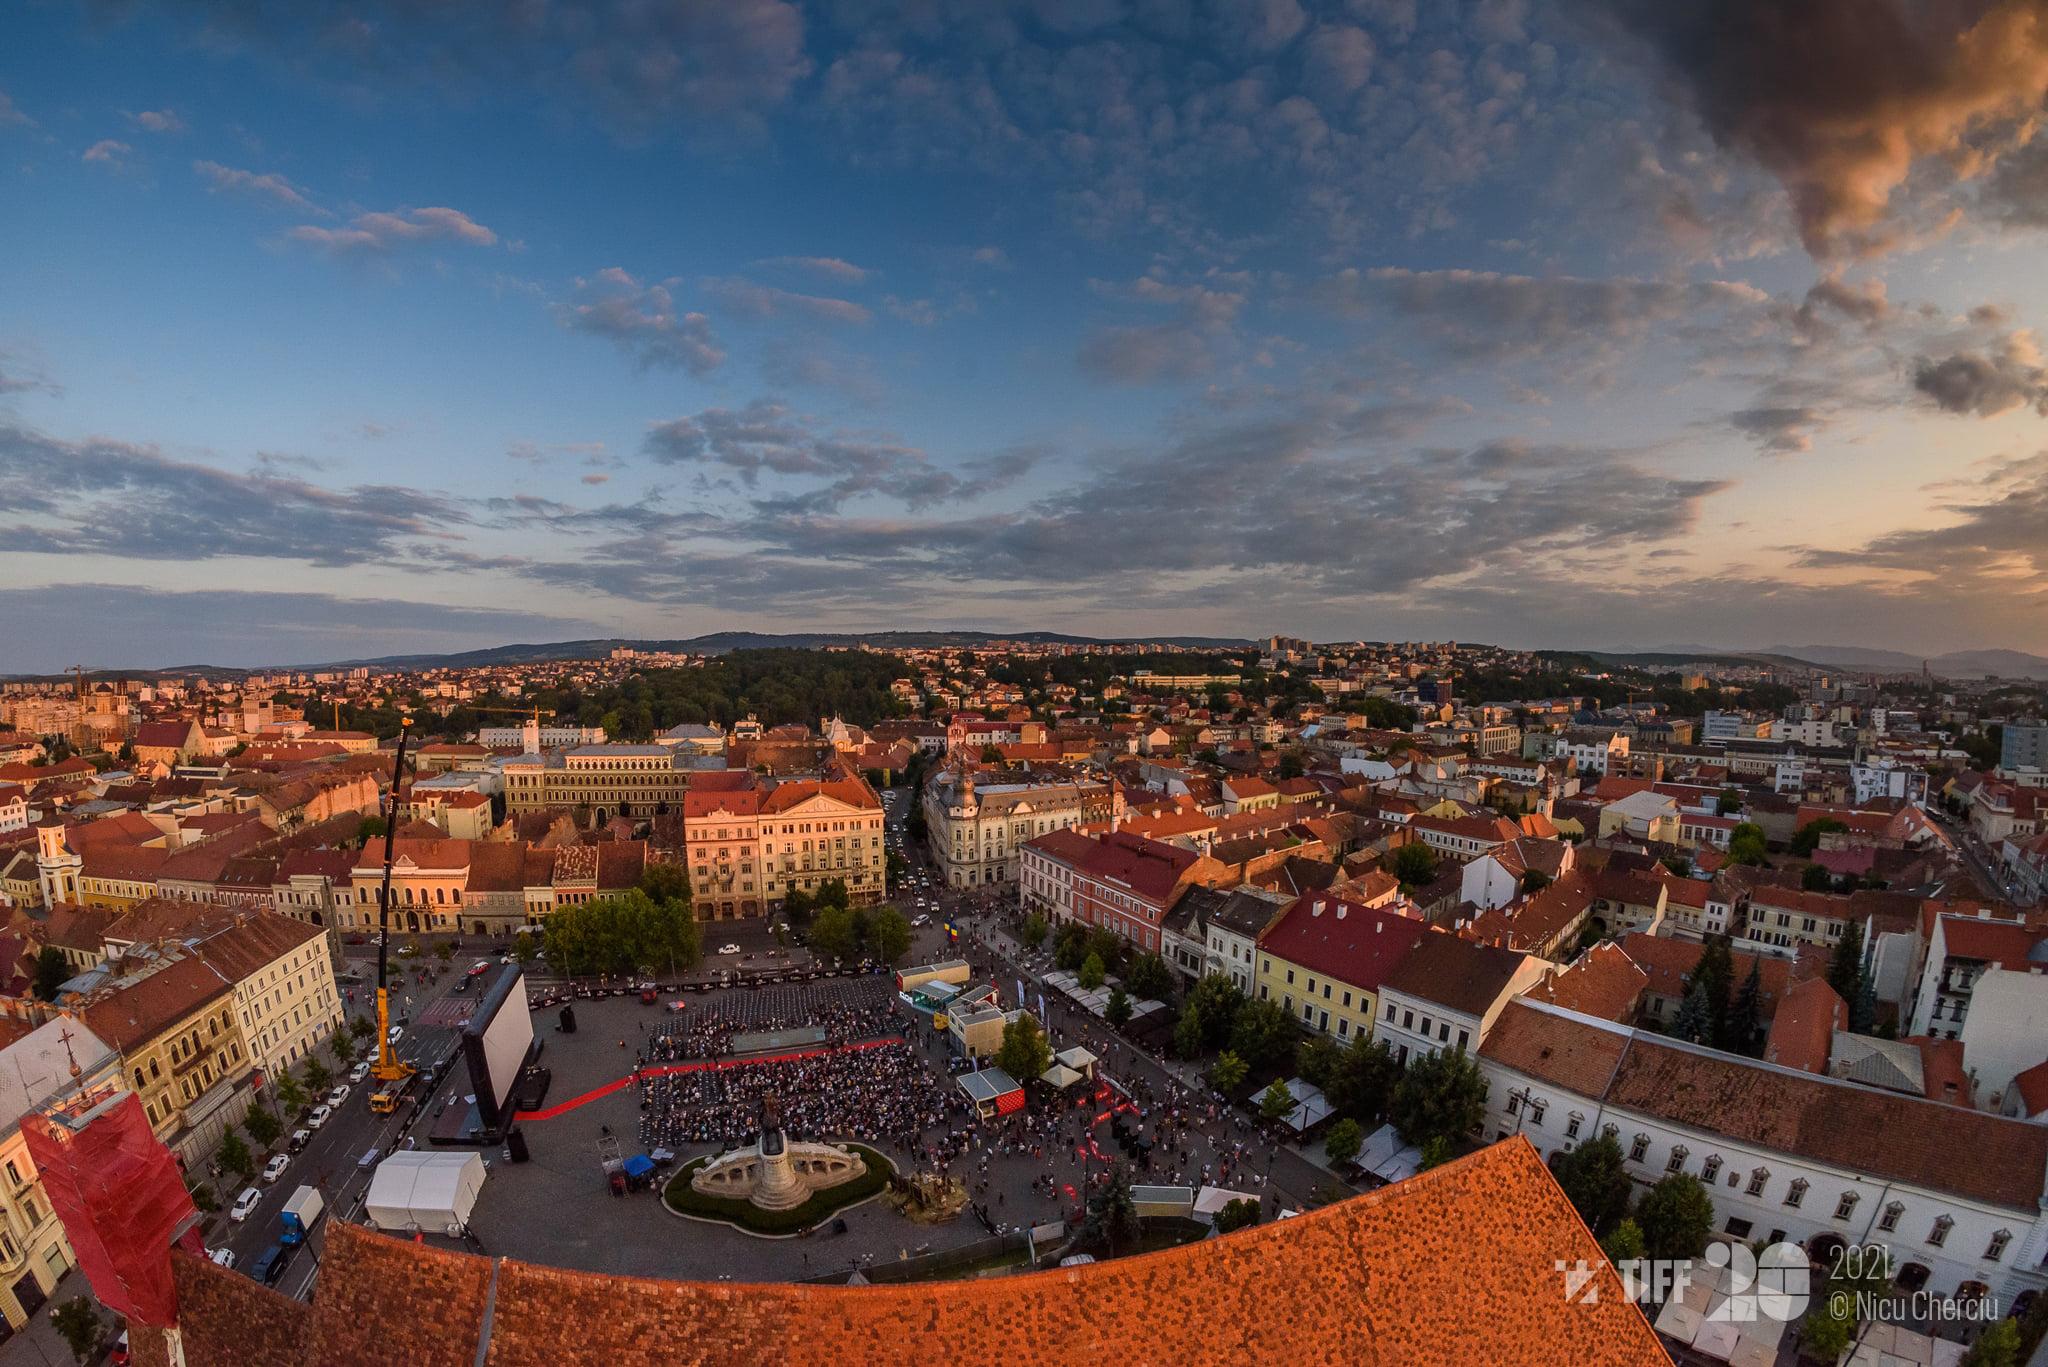 A fost spectacol la prima seară de la TIFF 2021. Peste 1.500 de oameni au fost prezenți în Cluj la inaugurarea festivalului de film